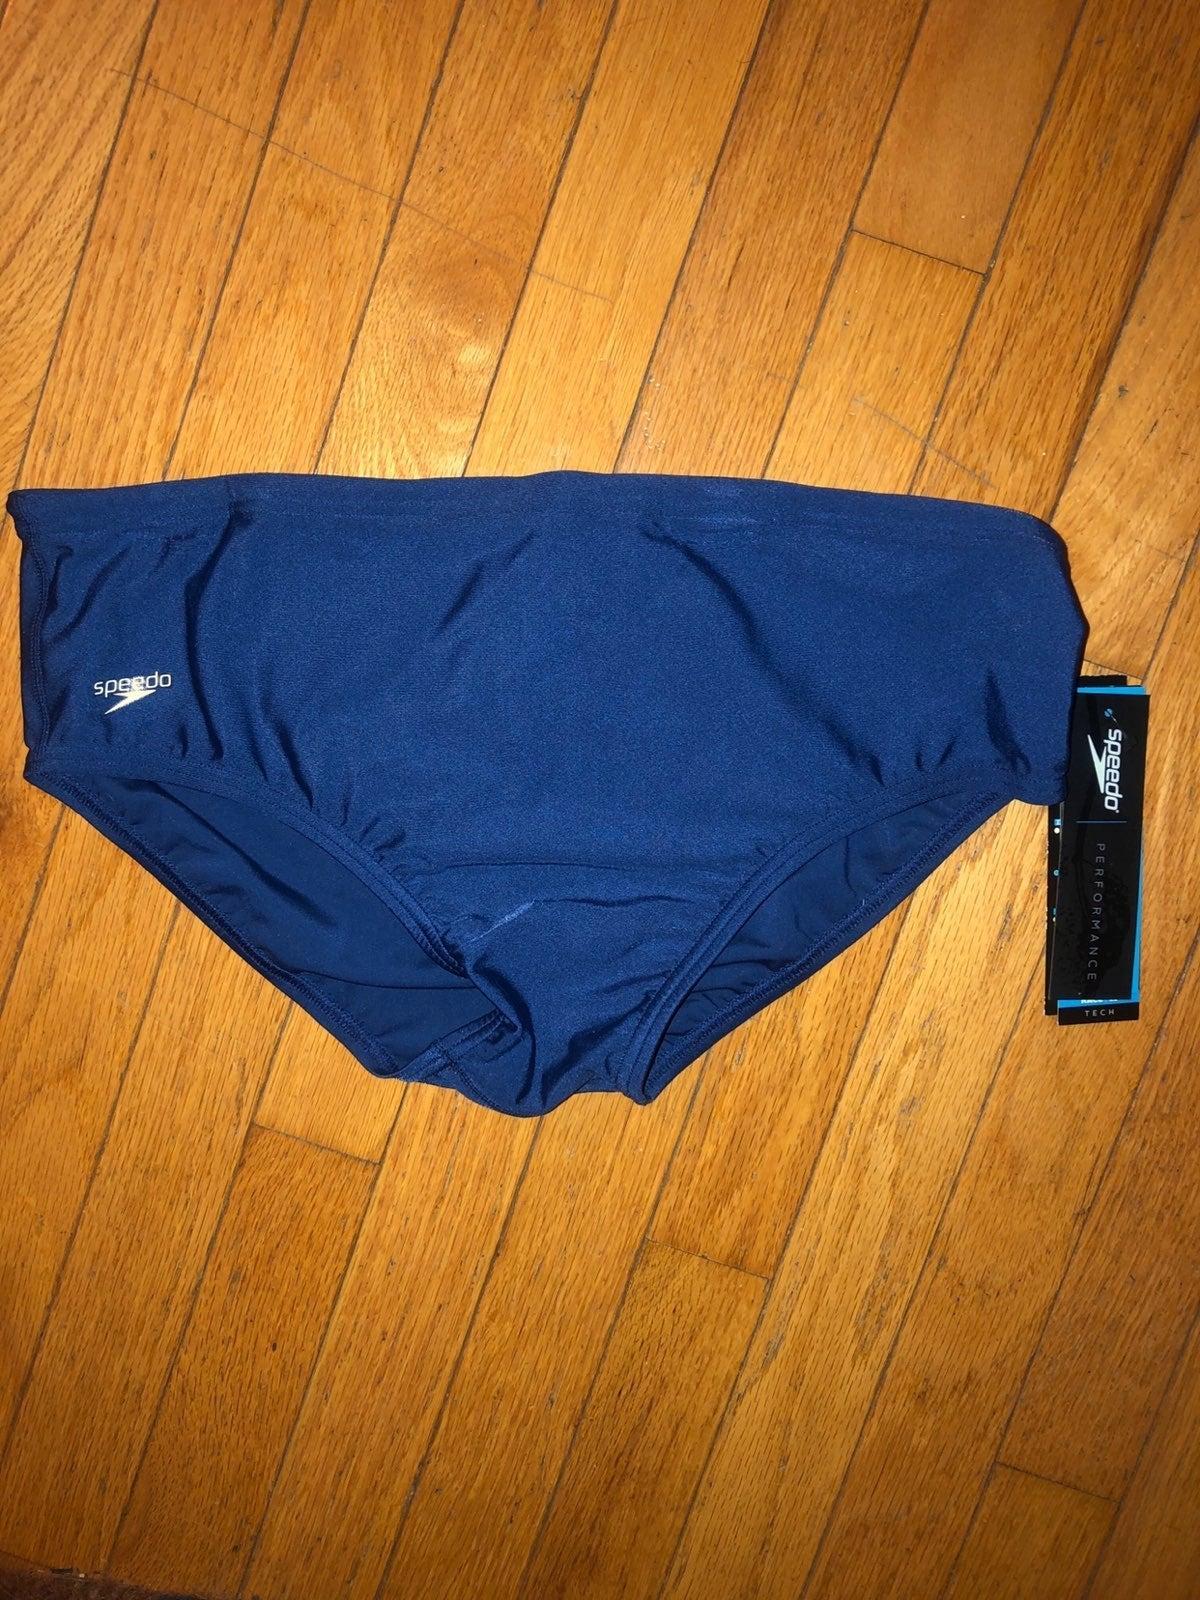 Brand New Men's Navy blue sz 40 Speedo s